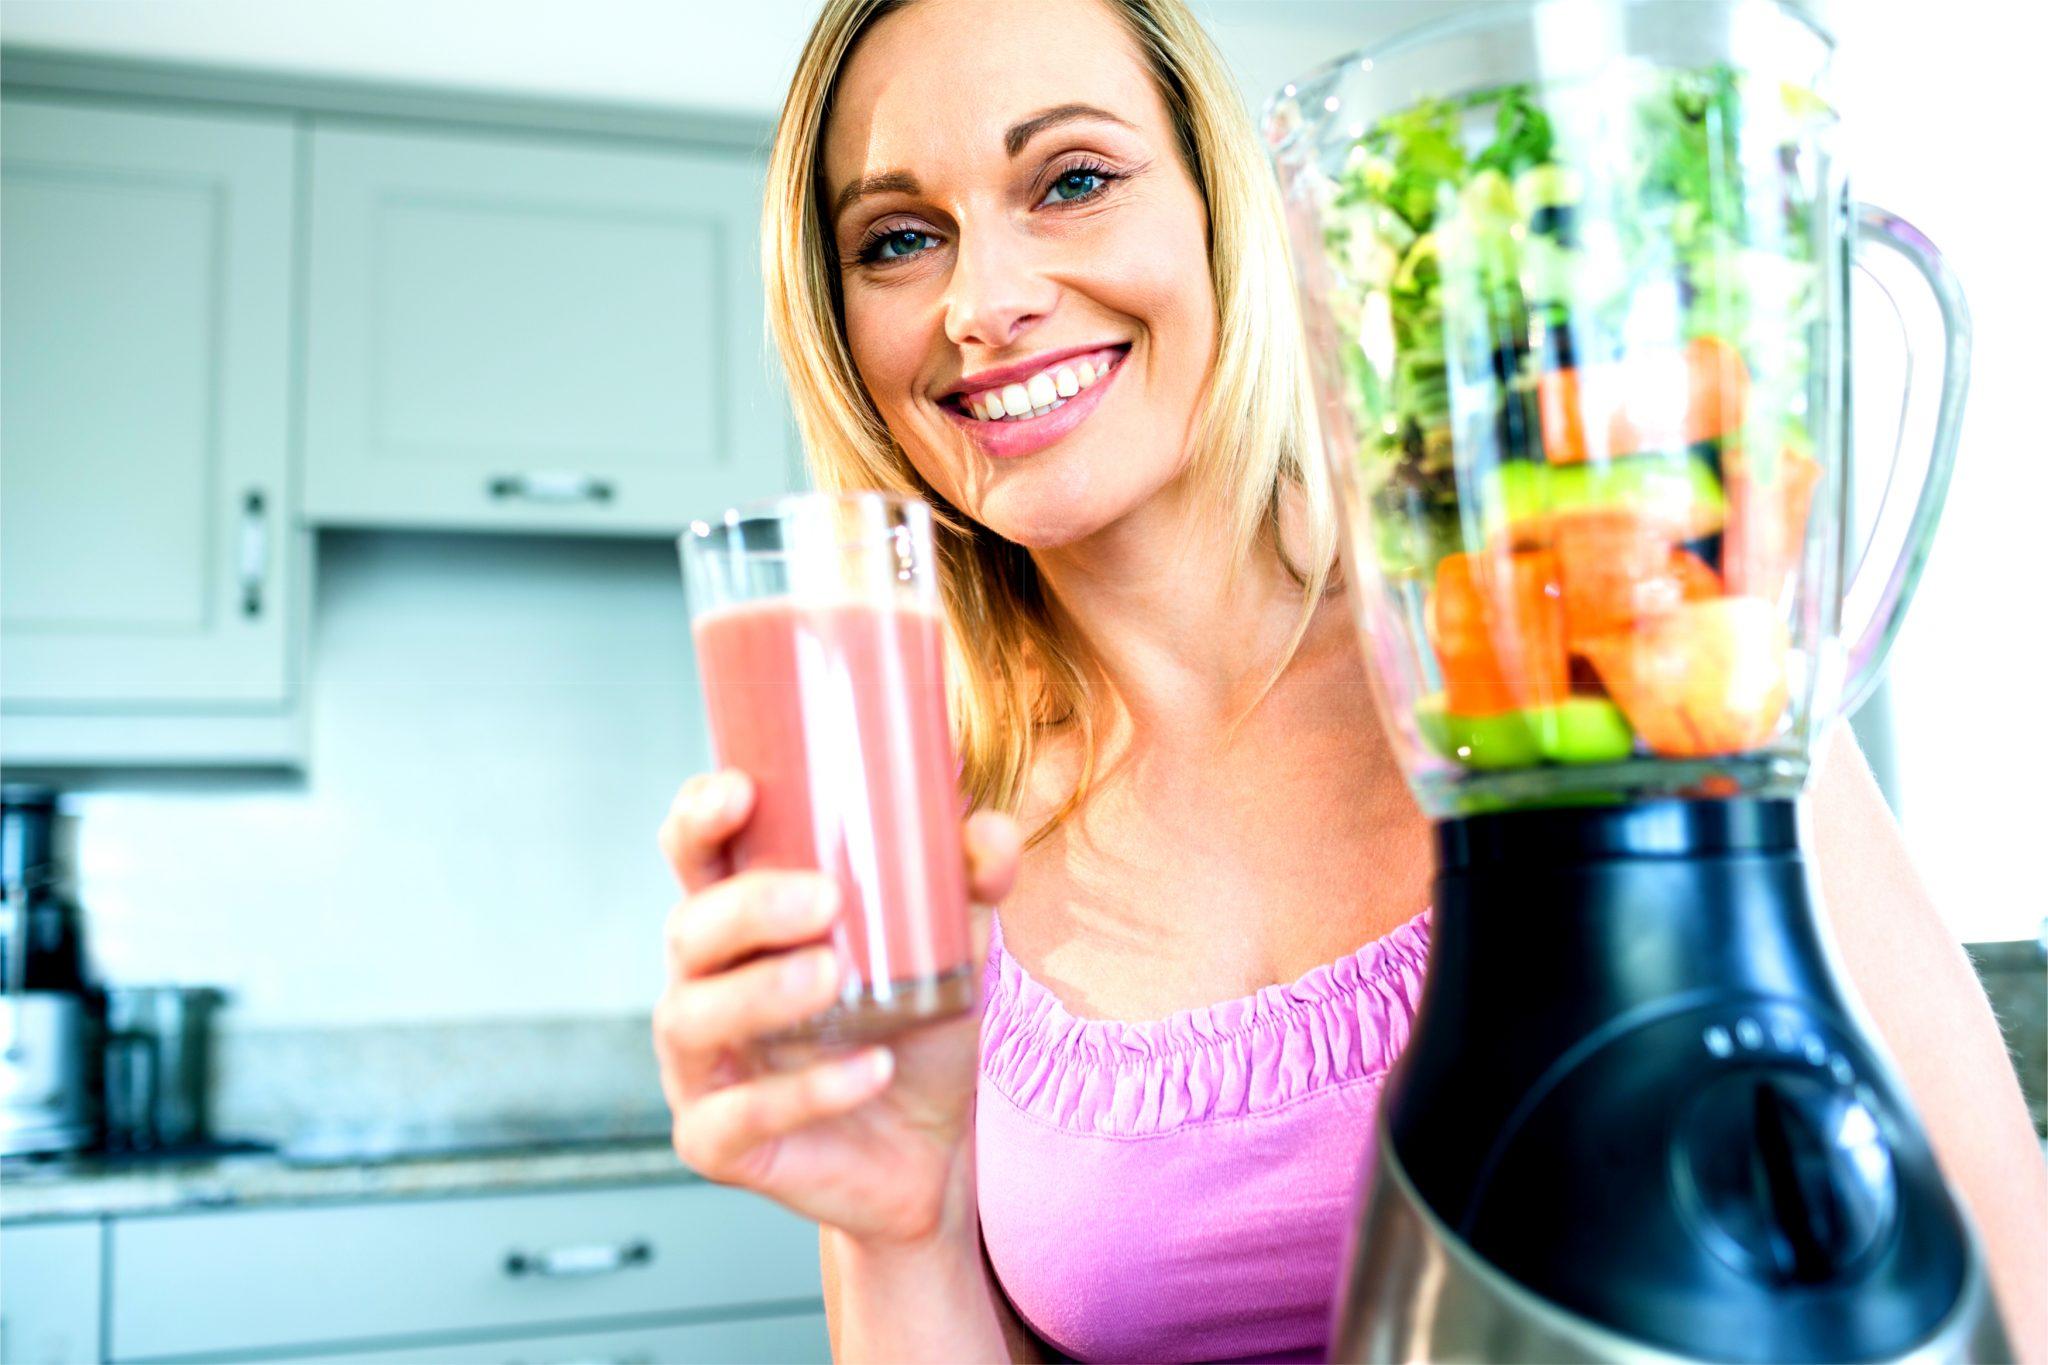 ニンジンジュースをミキサーで作ってる女性